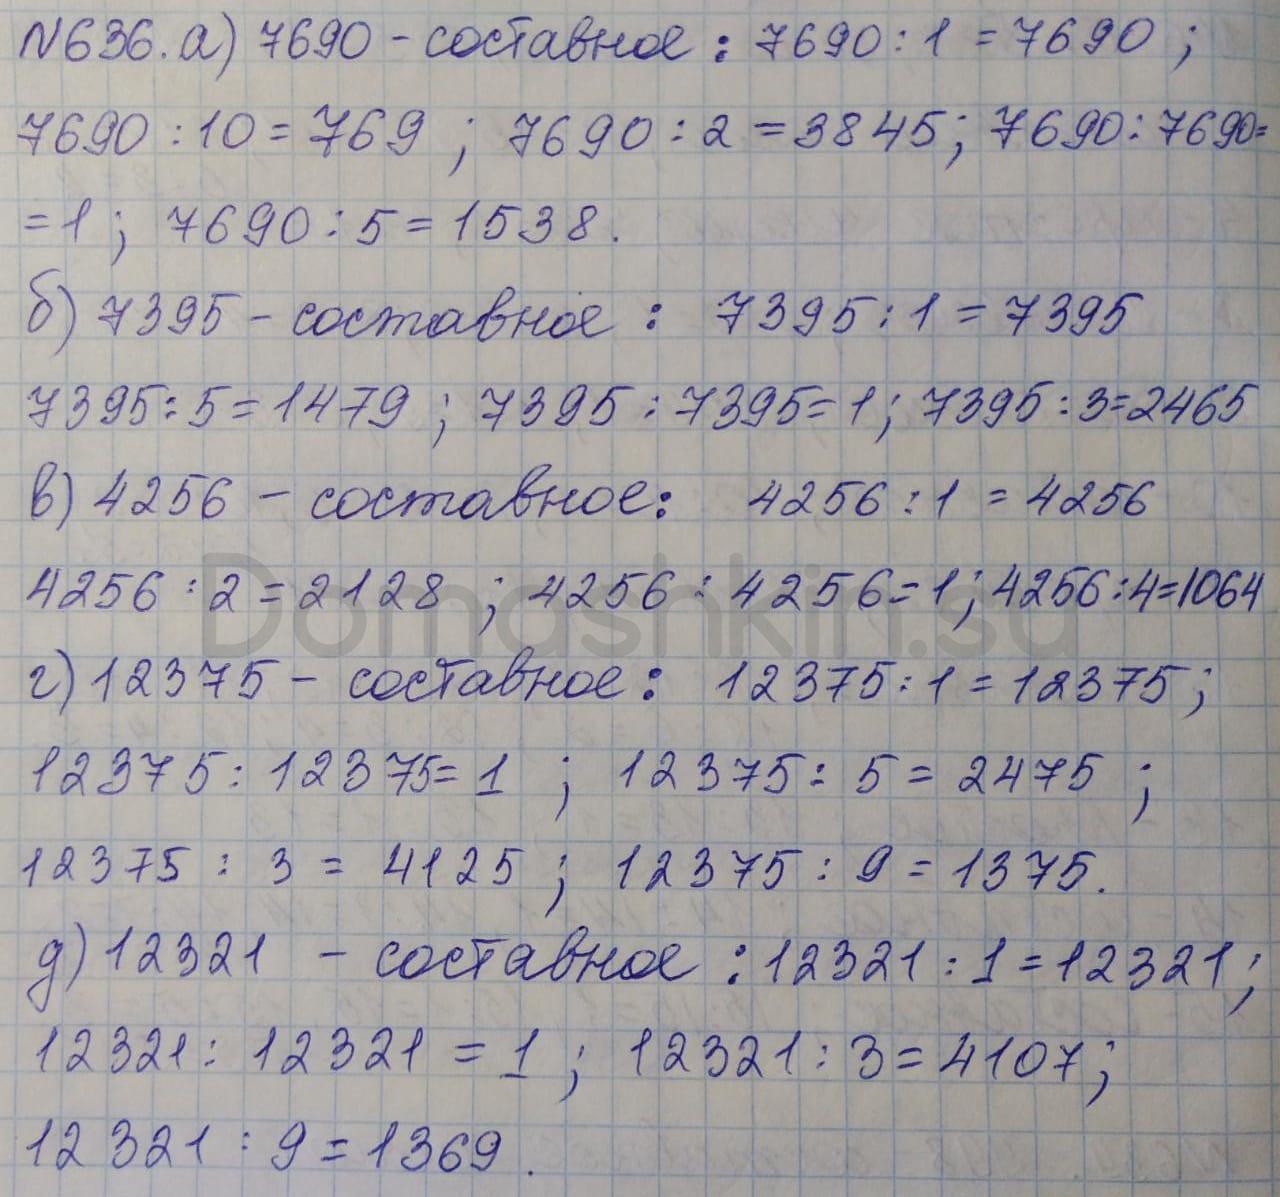 Математика 5 класс учебник Никольский номер 636 решение